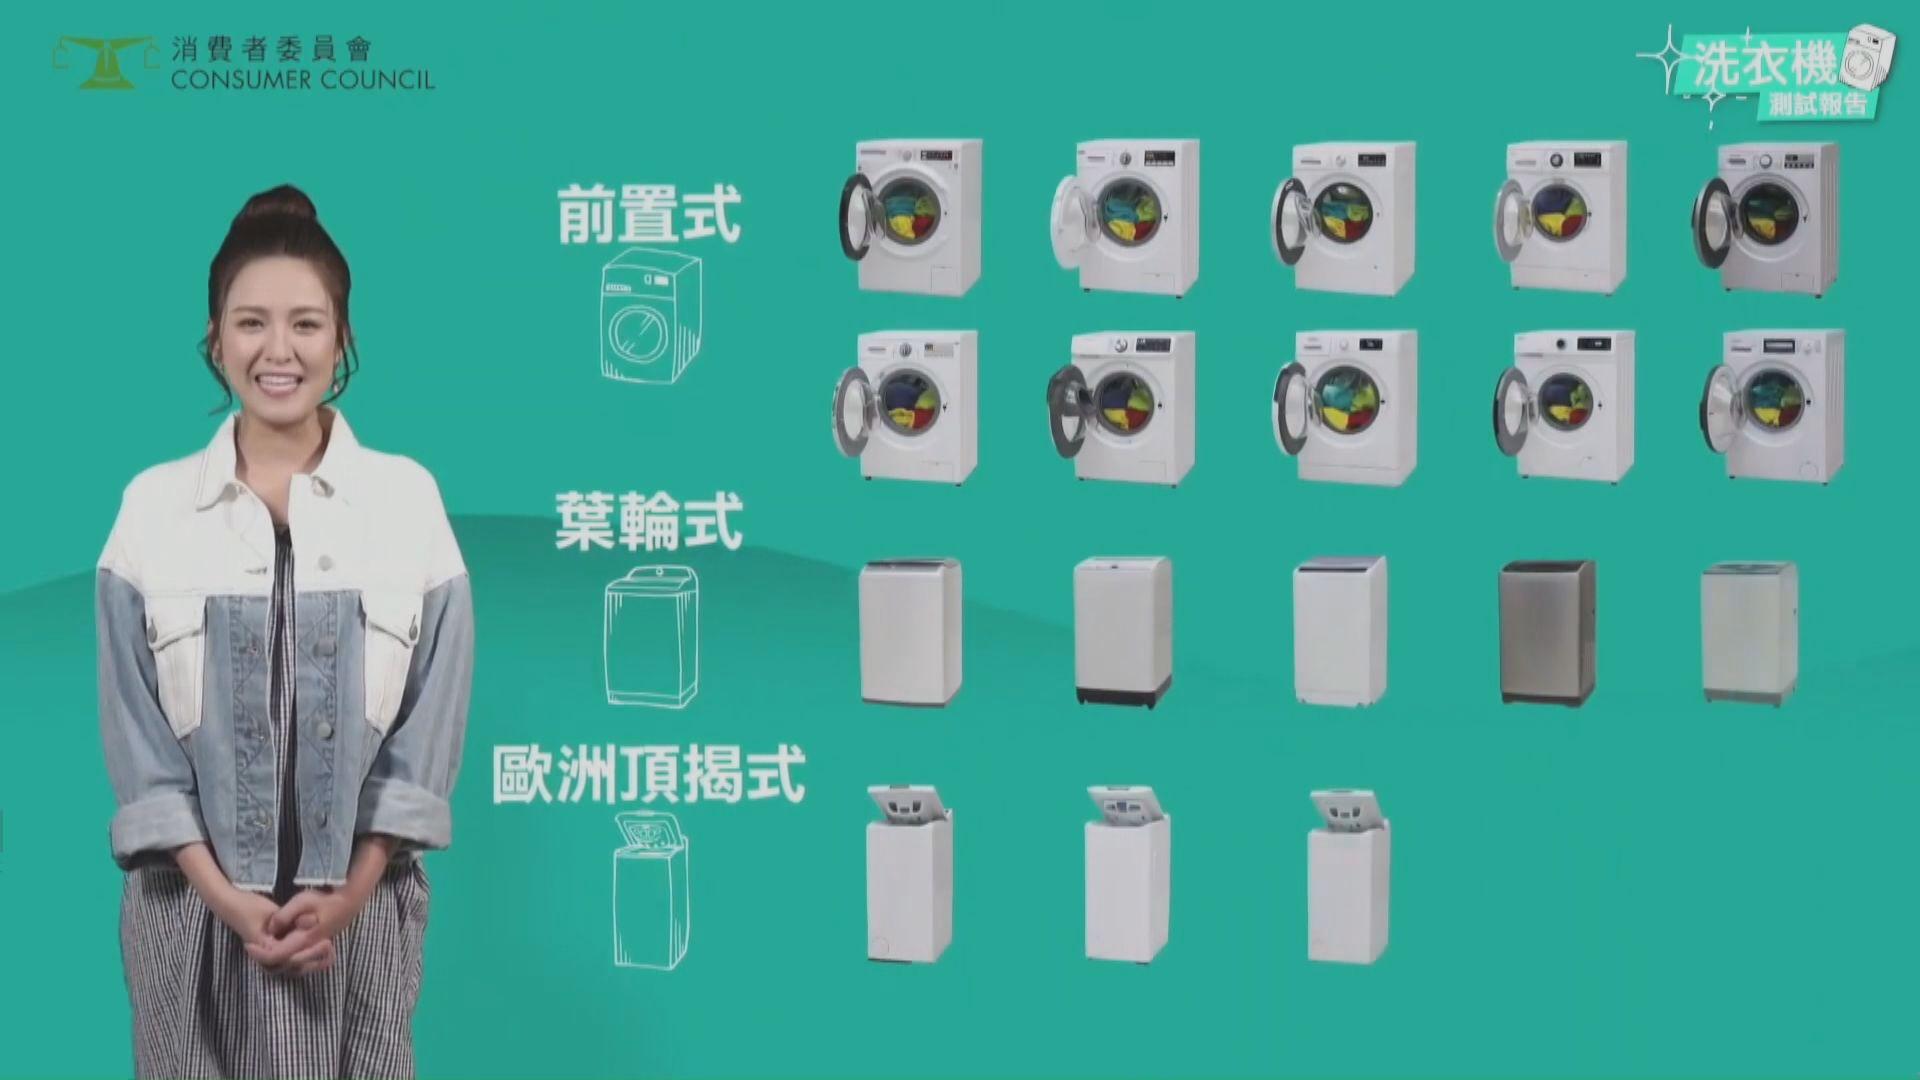 消委會:前置式及歐洲頂揭式洗衣機樣本潔淨程度較高